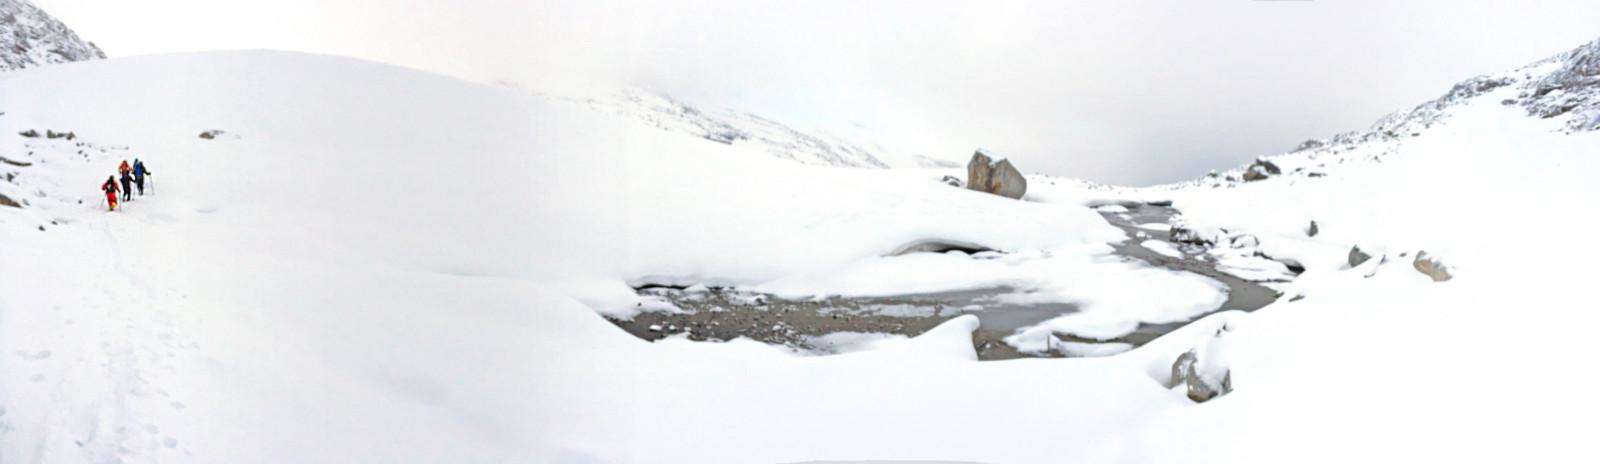 Hier oben herrscht ewiges Eis, auch wenn der Gletscher schon merklich geschrumpft ist.